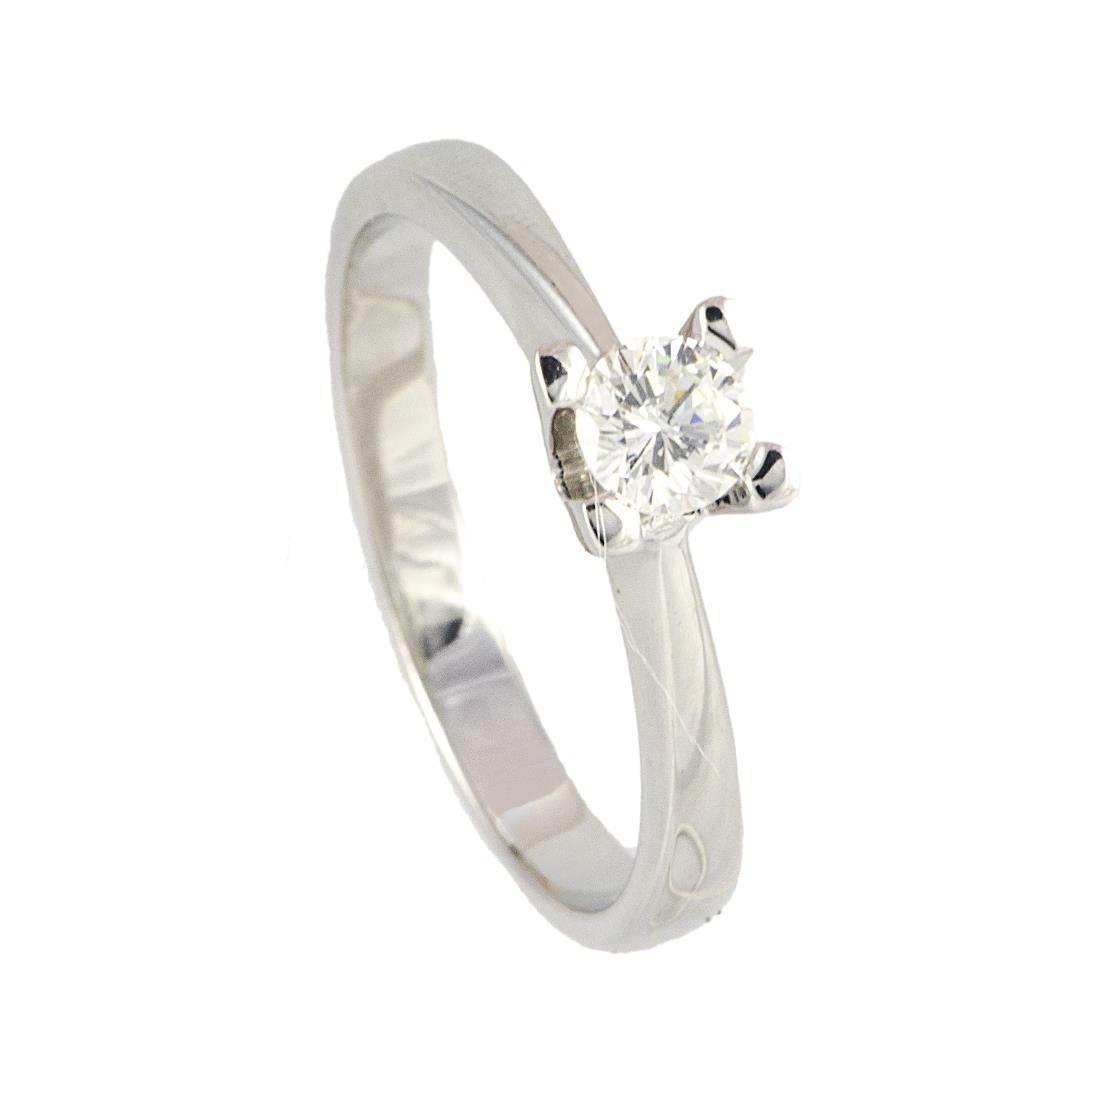 Anello solitario in oro bianco con diamante 0.30 ct mis 13 - ALFIERI ST JOHN